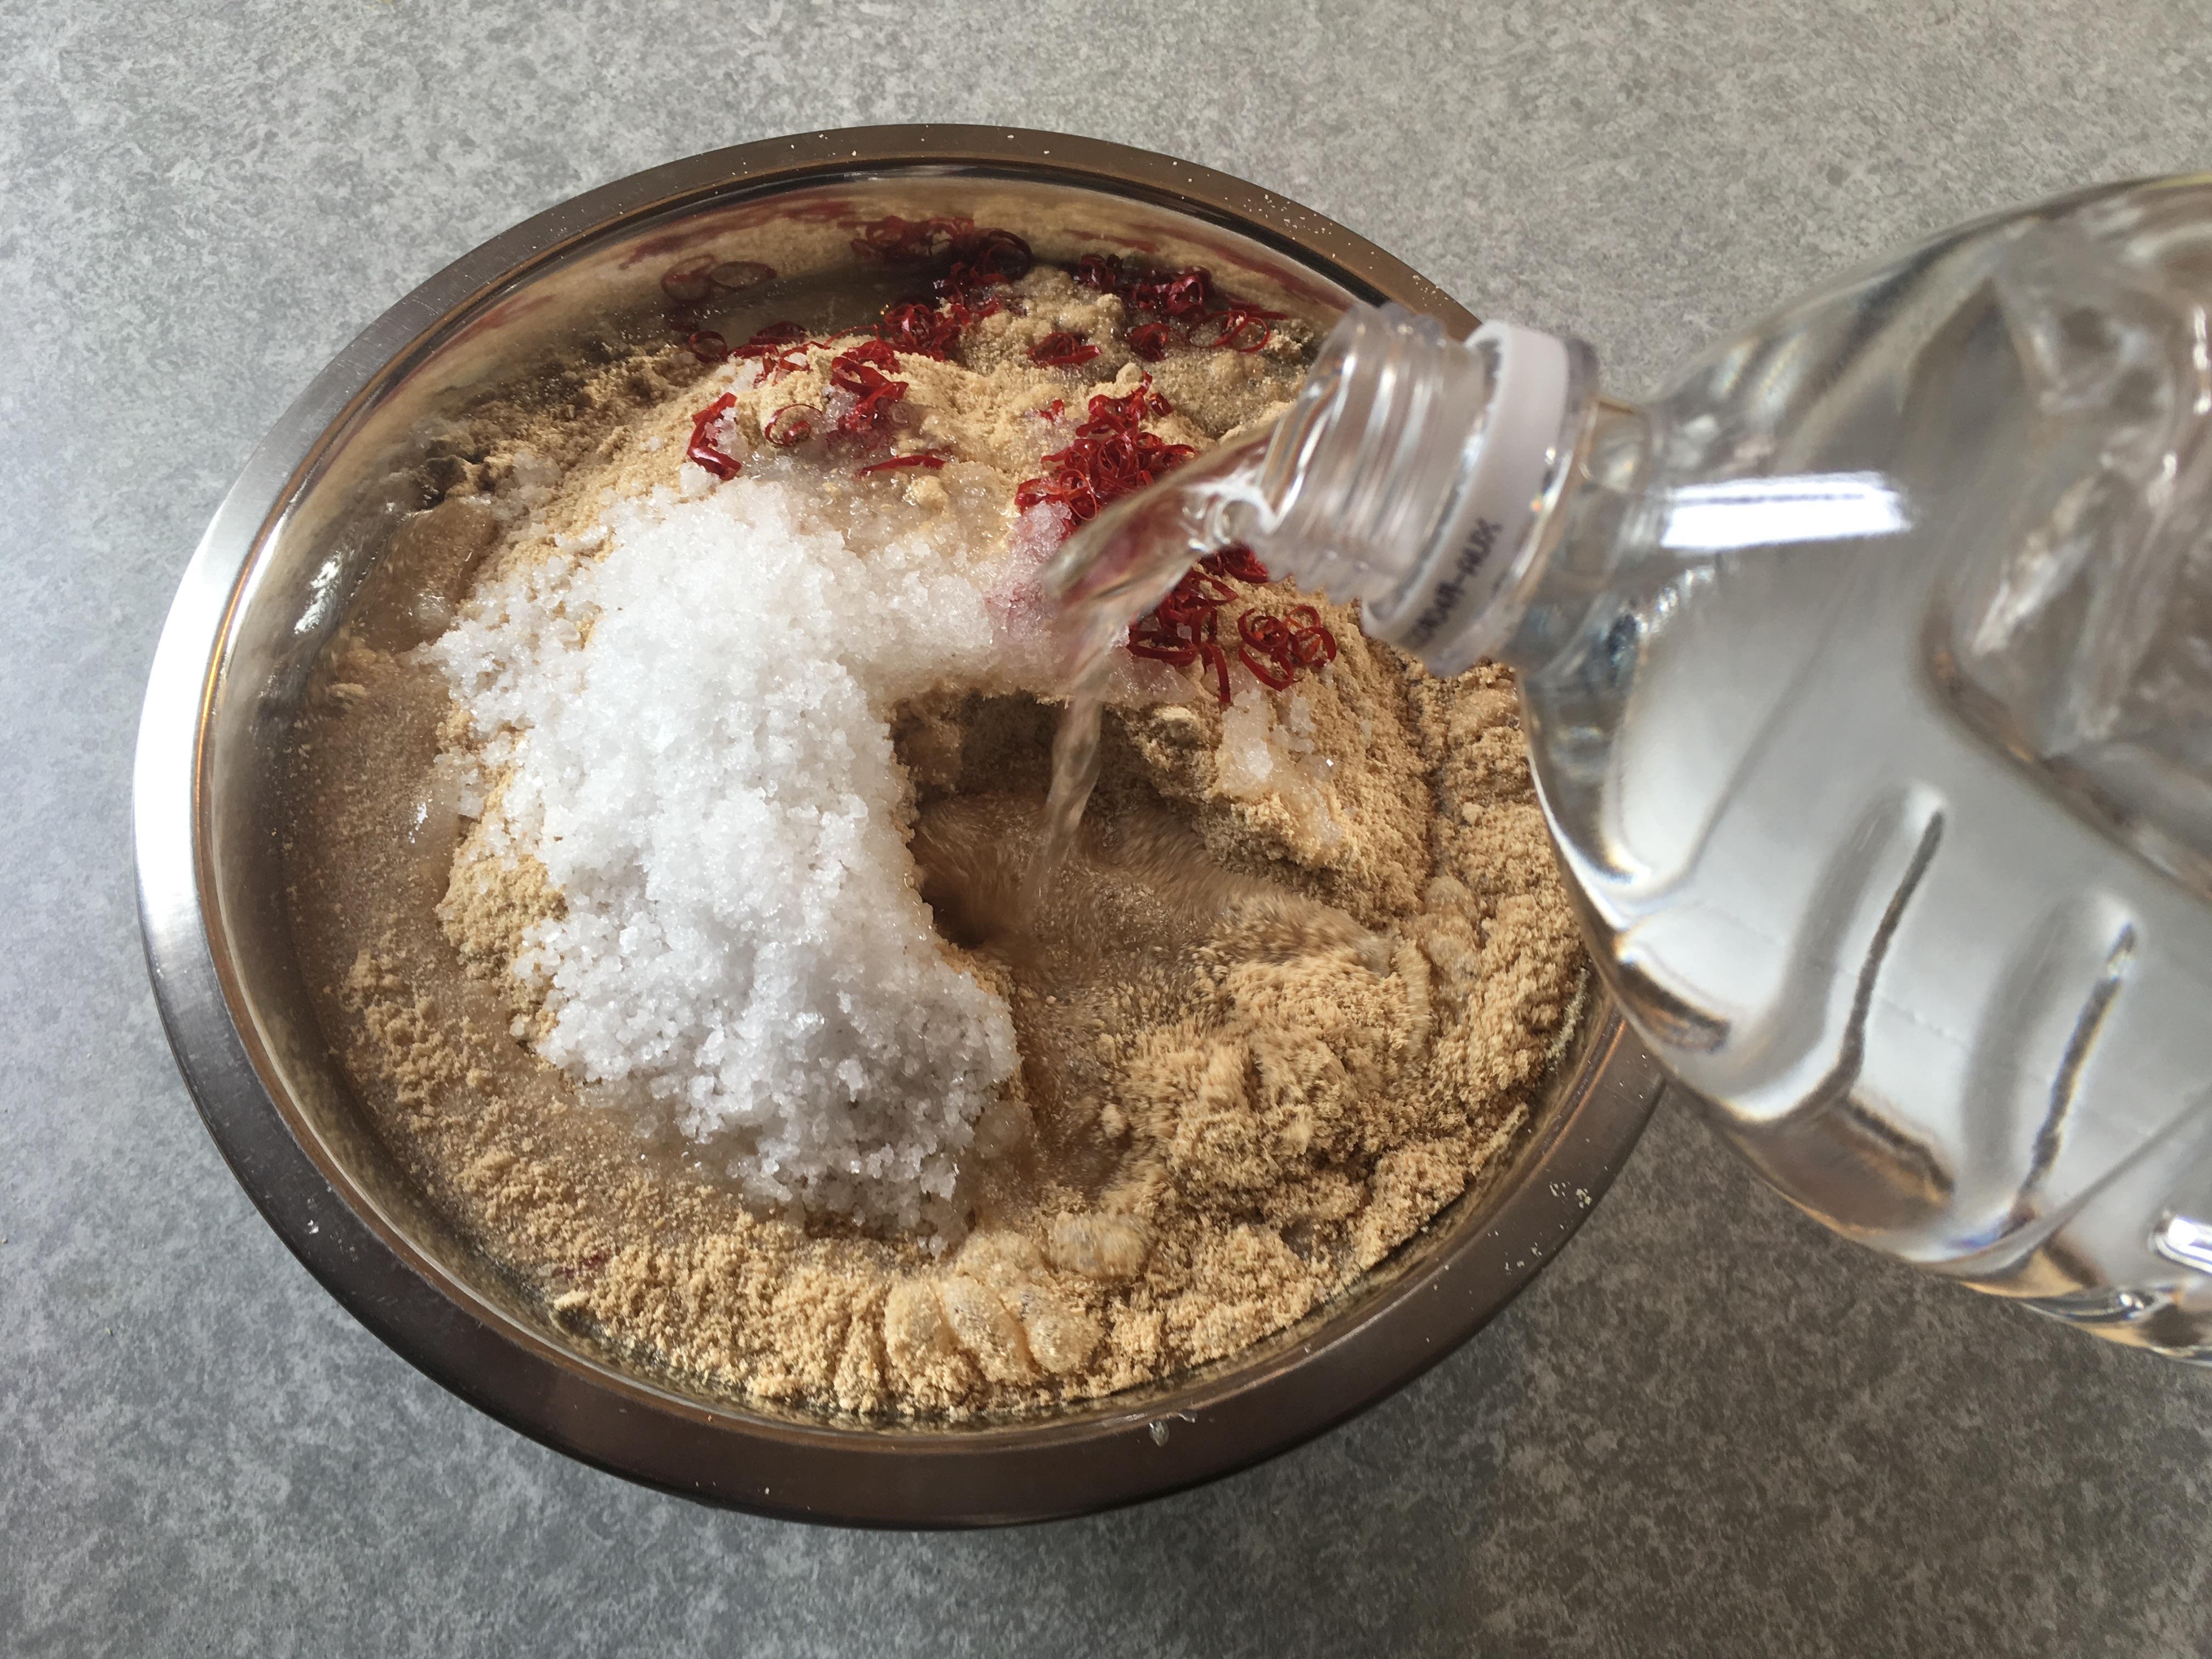 米ぬかと自然塩と唐辛子が入ったボールに水を加える